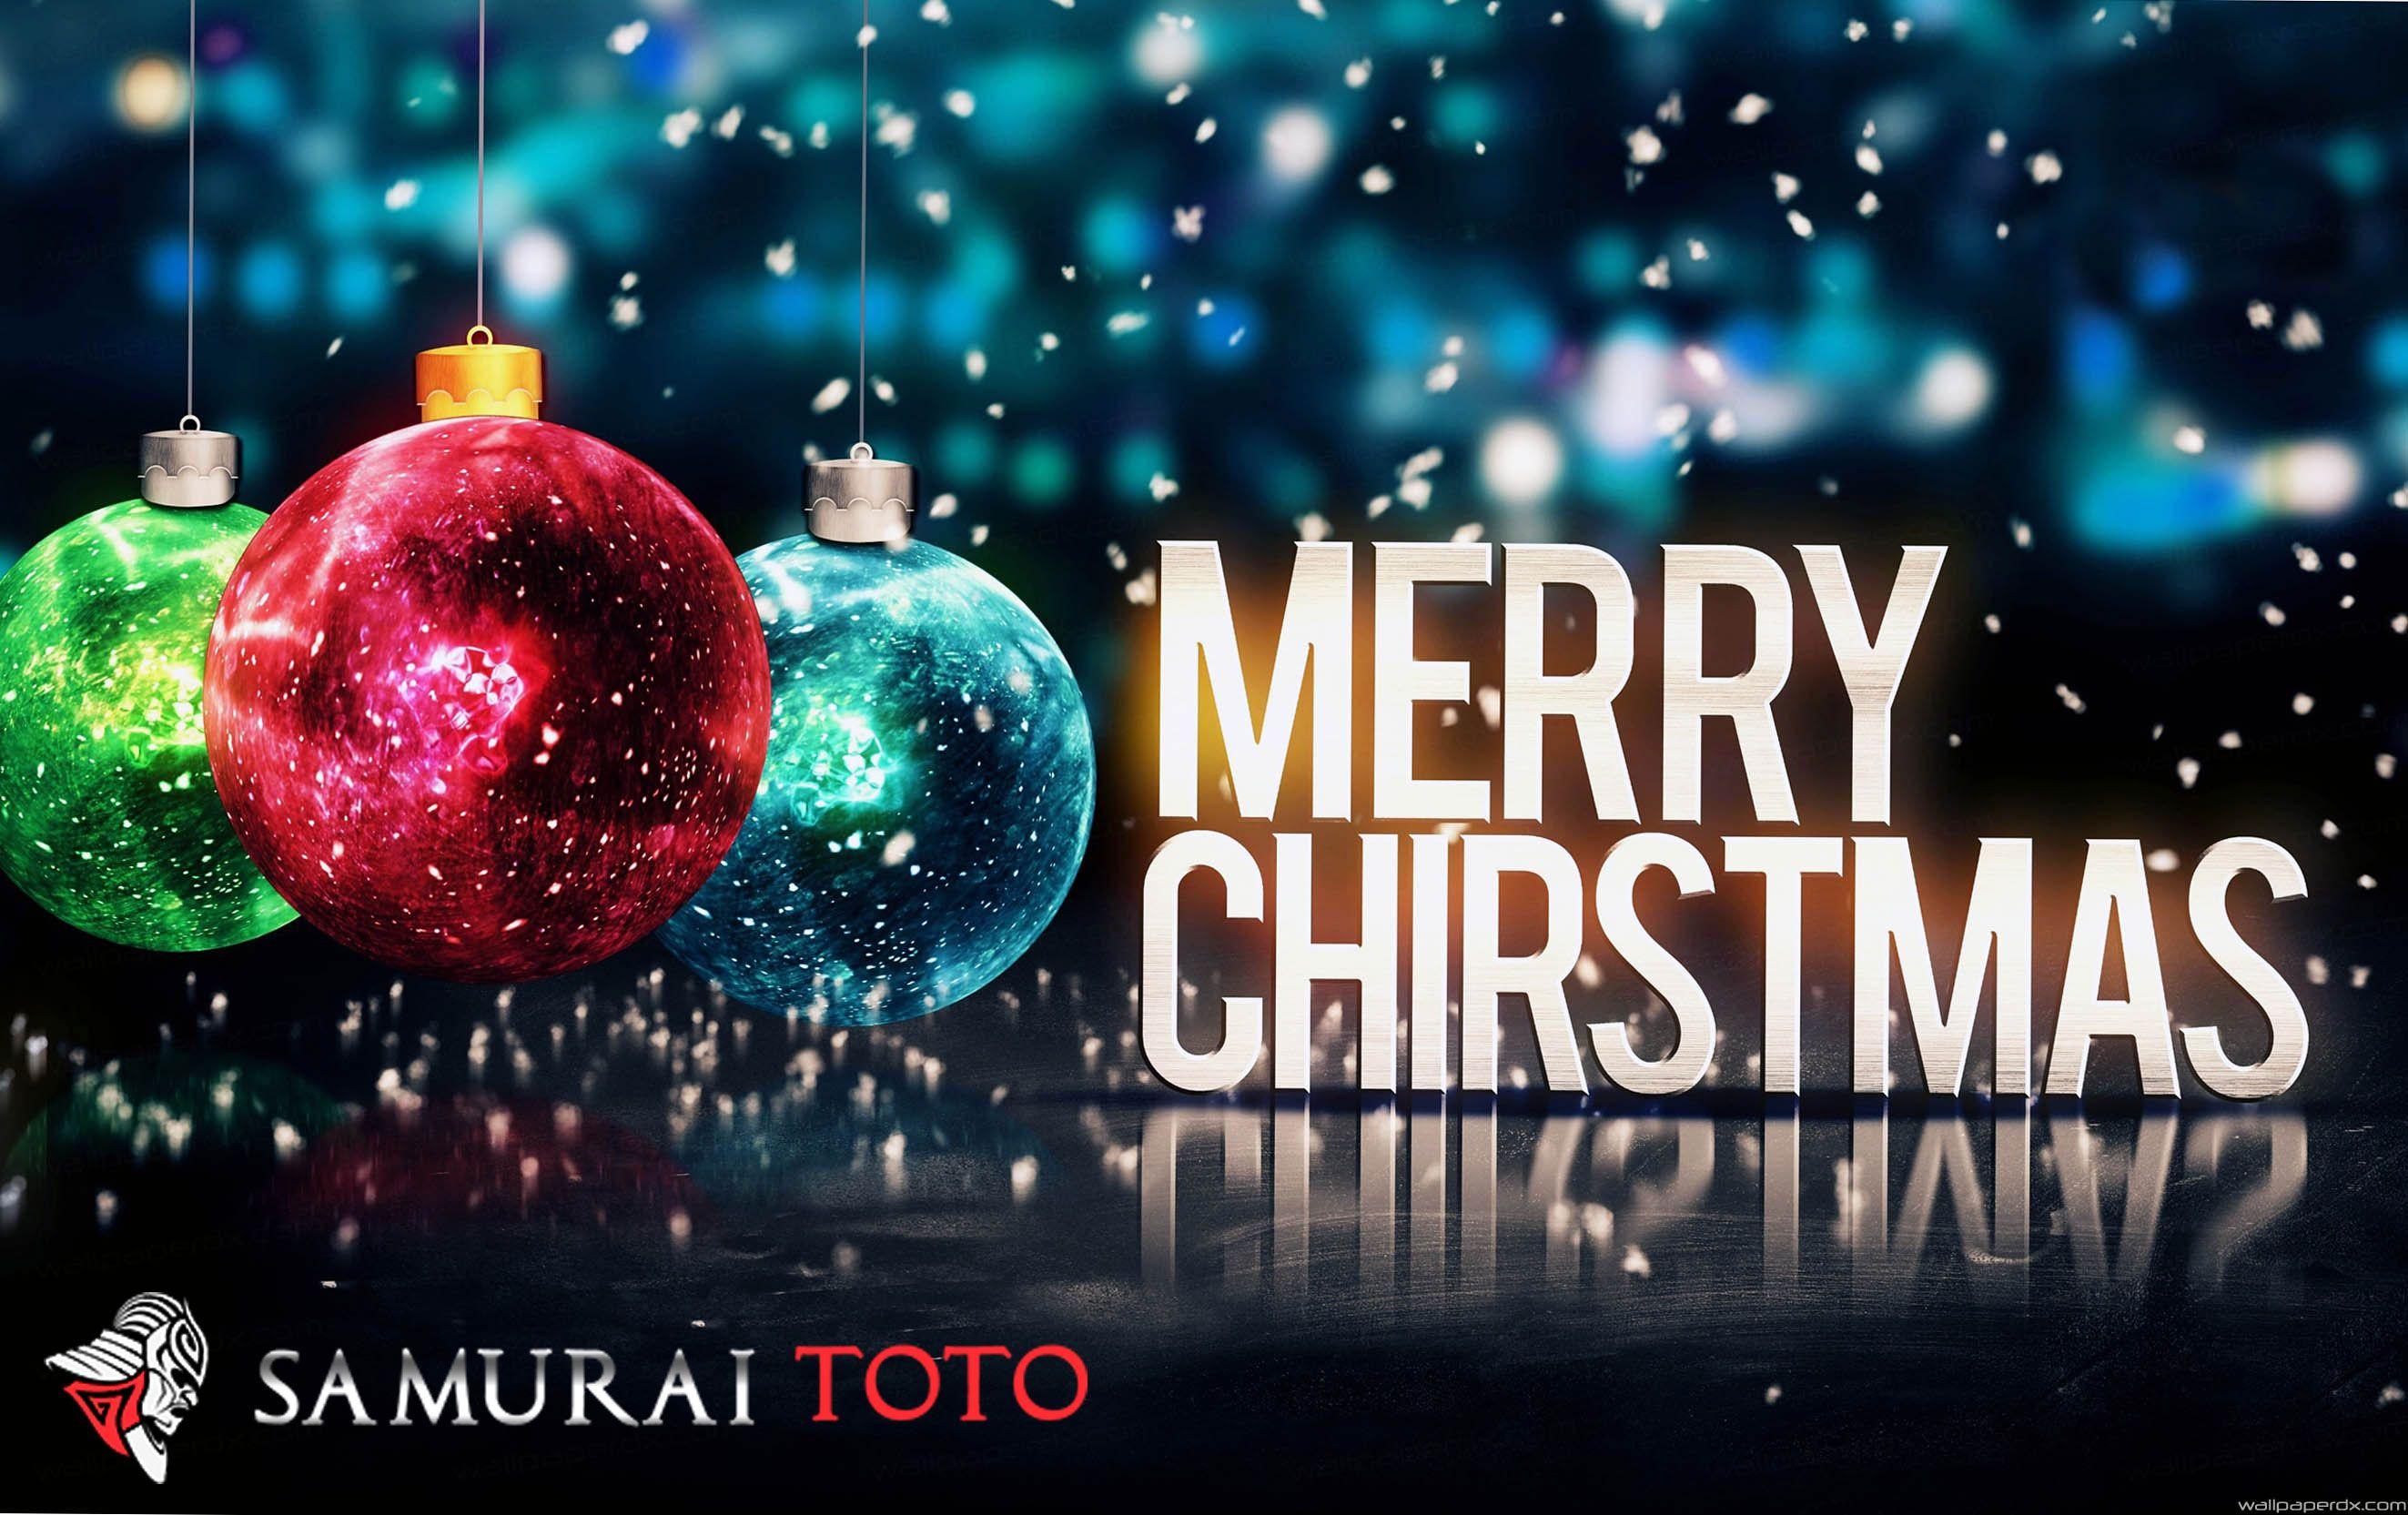 kami segenap kru dan staff dari samuraitoto situs togel online terpercaya mengucapkan selamat hari natal dan tahun baru 2018 semoga sukses selalu